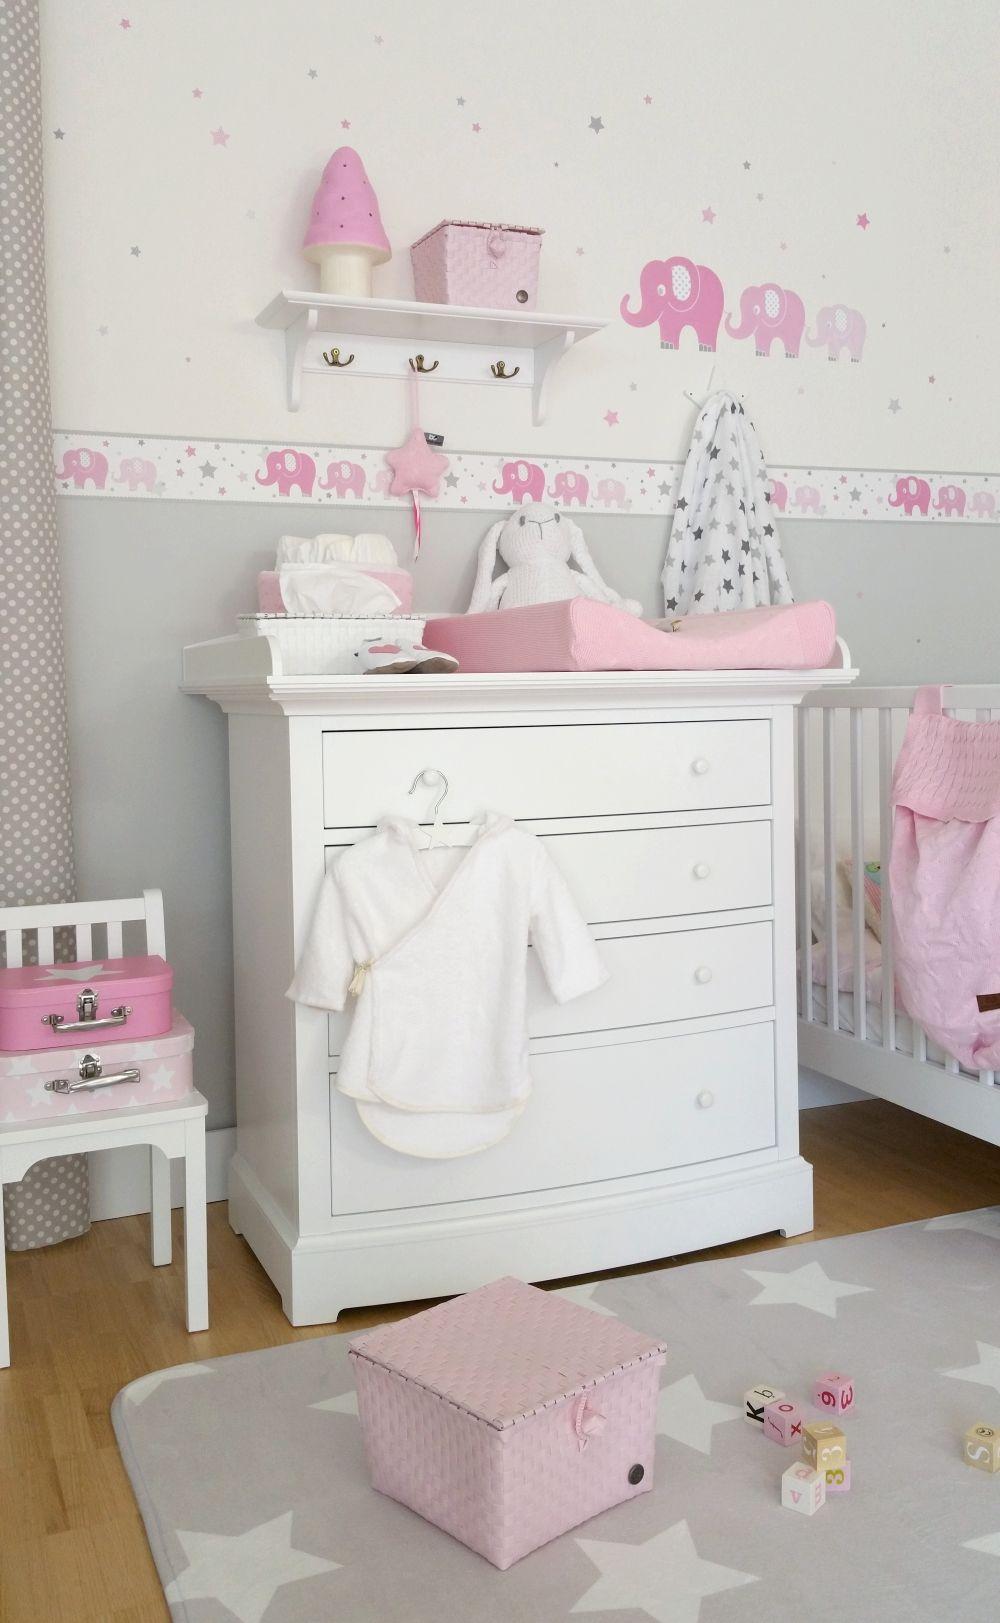 Full Size of Bordüren Kinderzimmer Bordre Elefanten Rosa Grau Regal Weiß Sofa Regale Kinderzimmer Bordüren Kinderzimmer